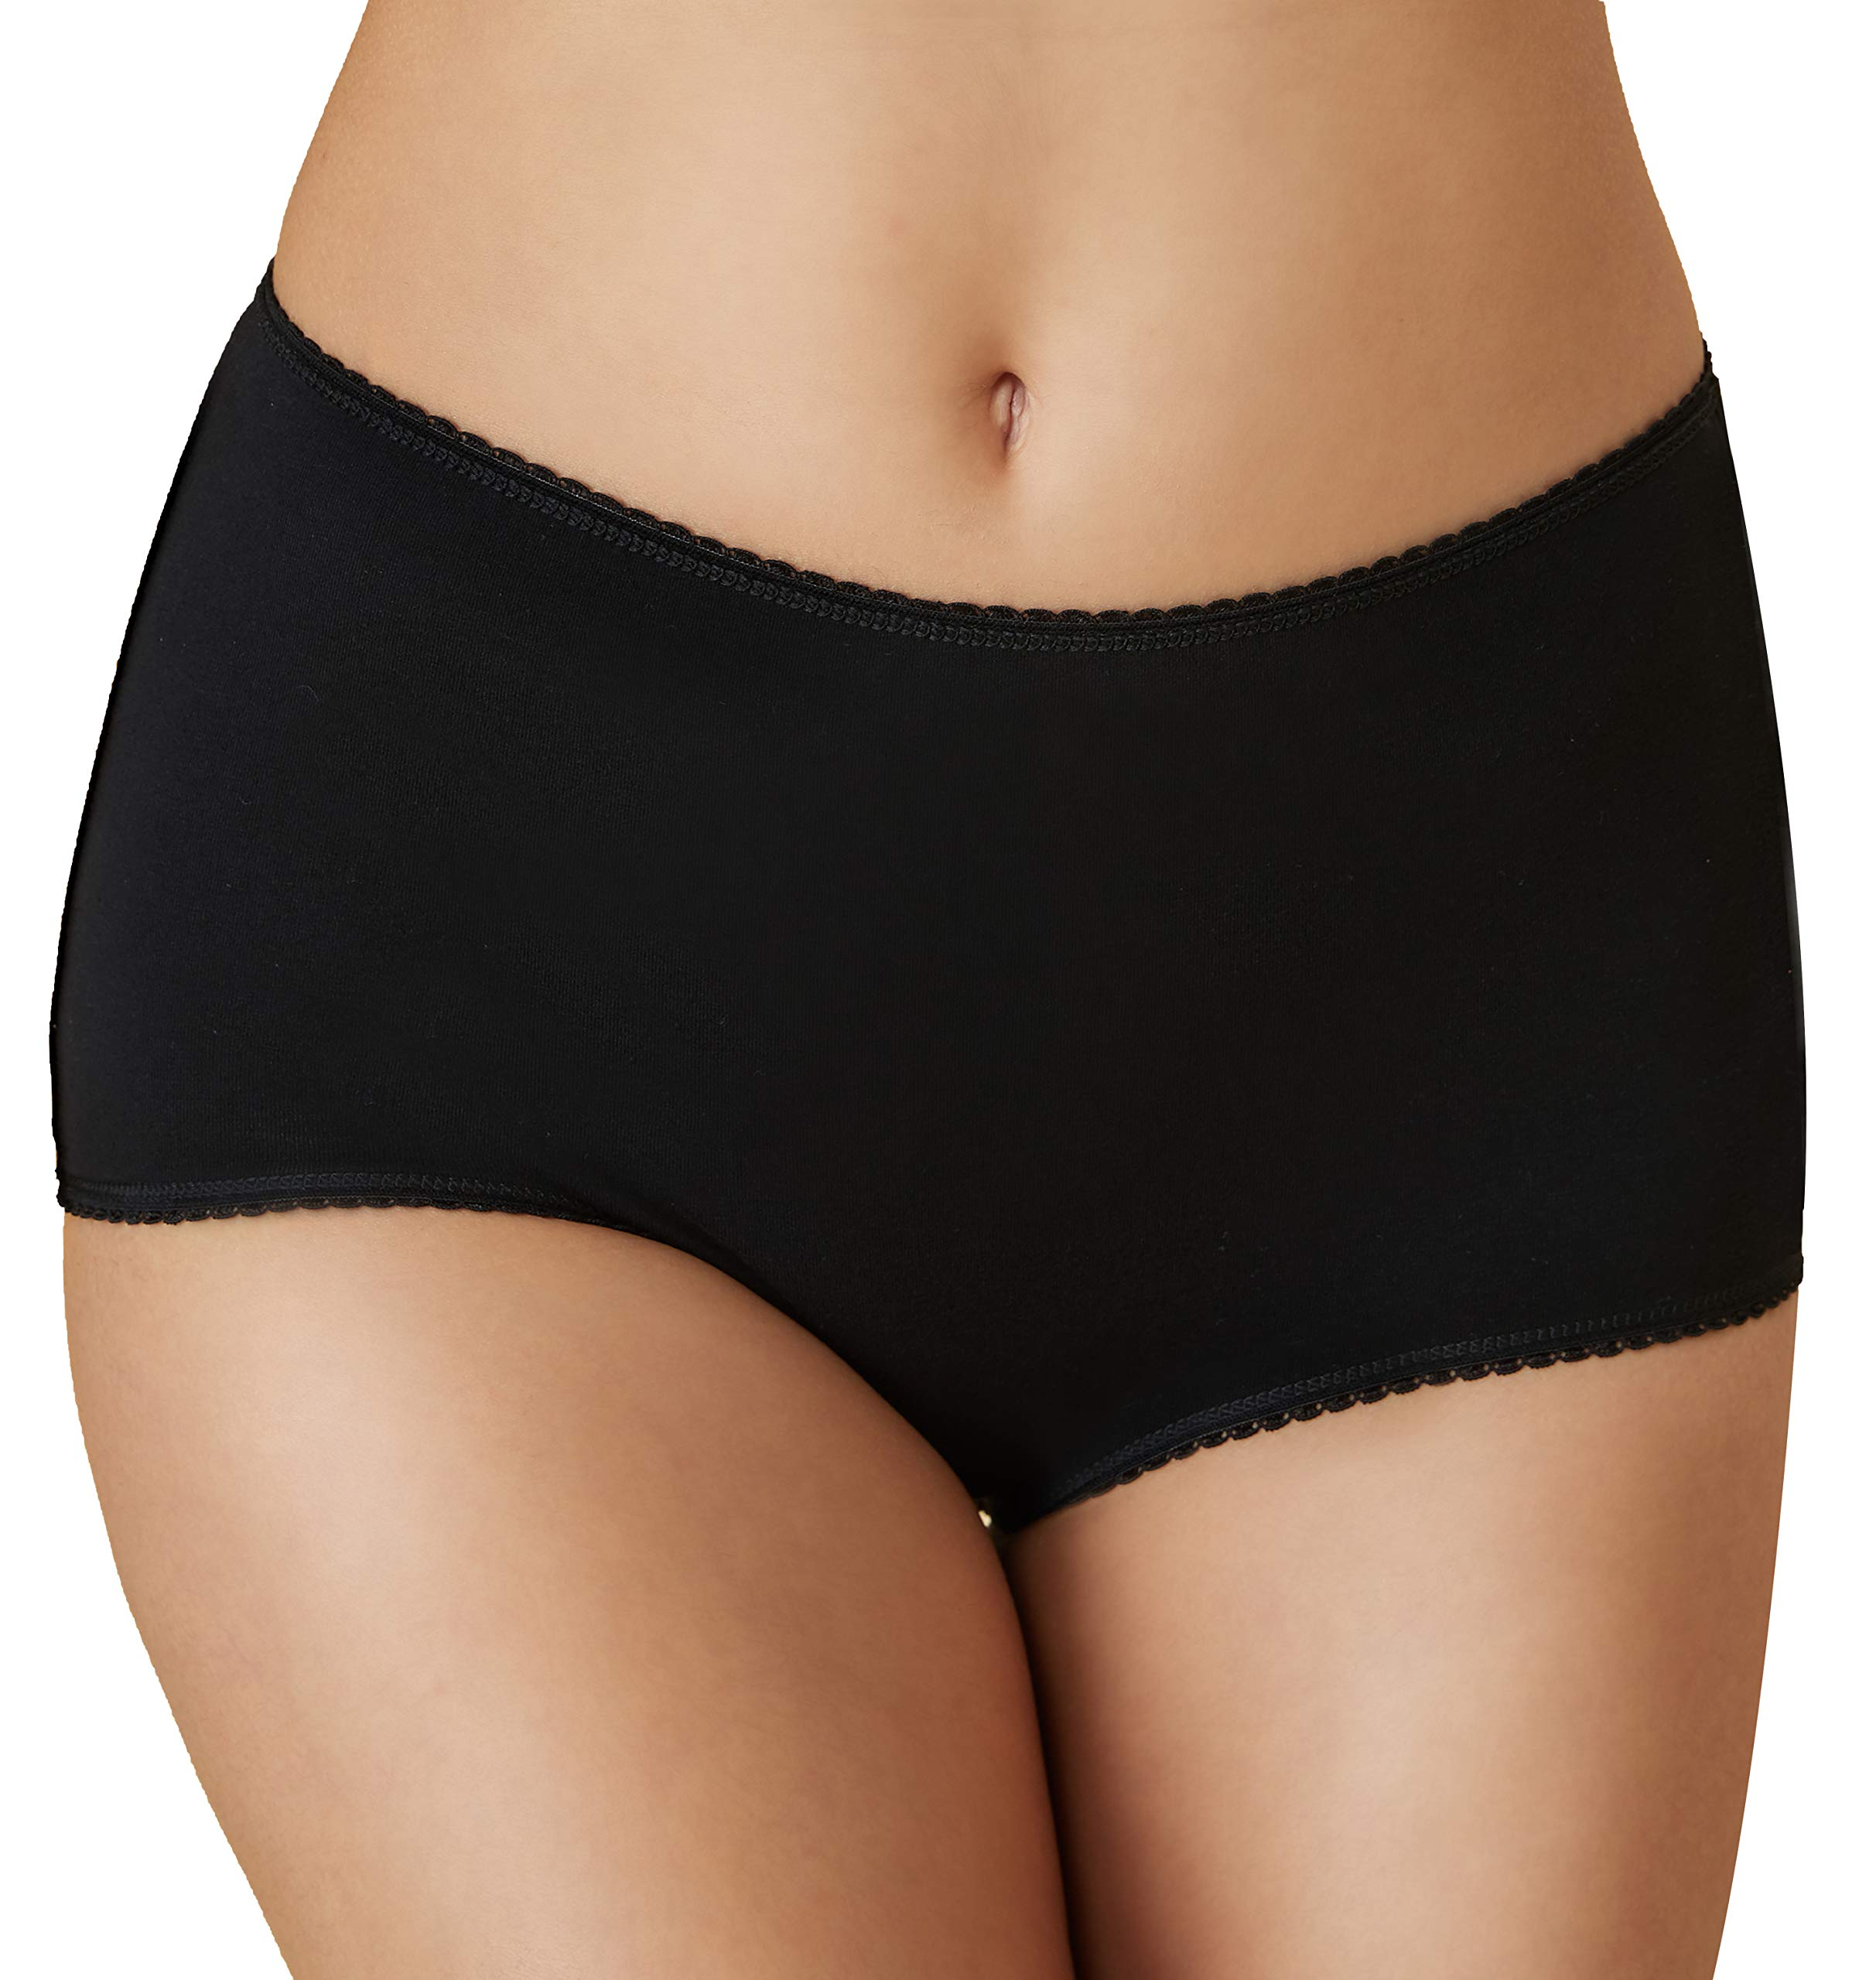 Womens Knicker Underwear Ladies Maxi Briefs Comfort Fit High Waist 10-24 6 Pack